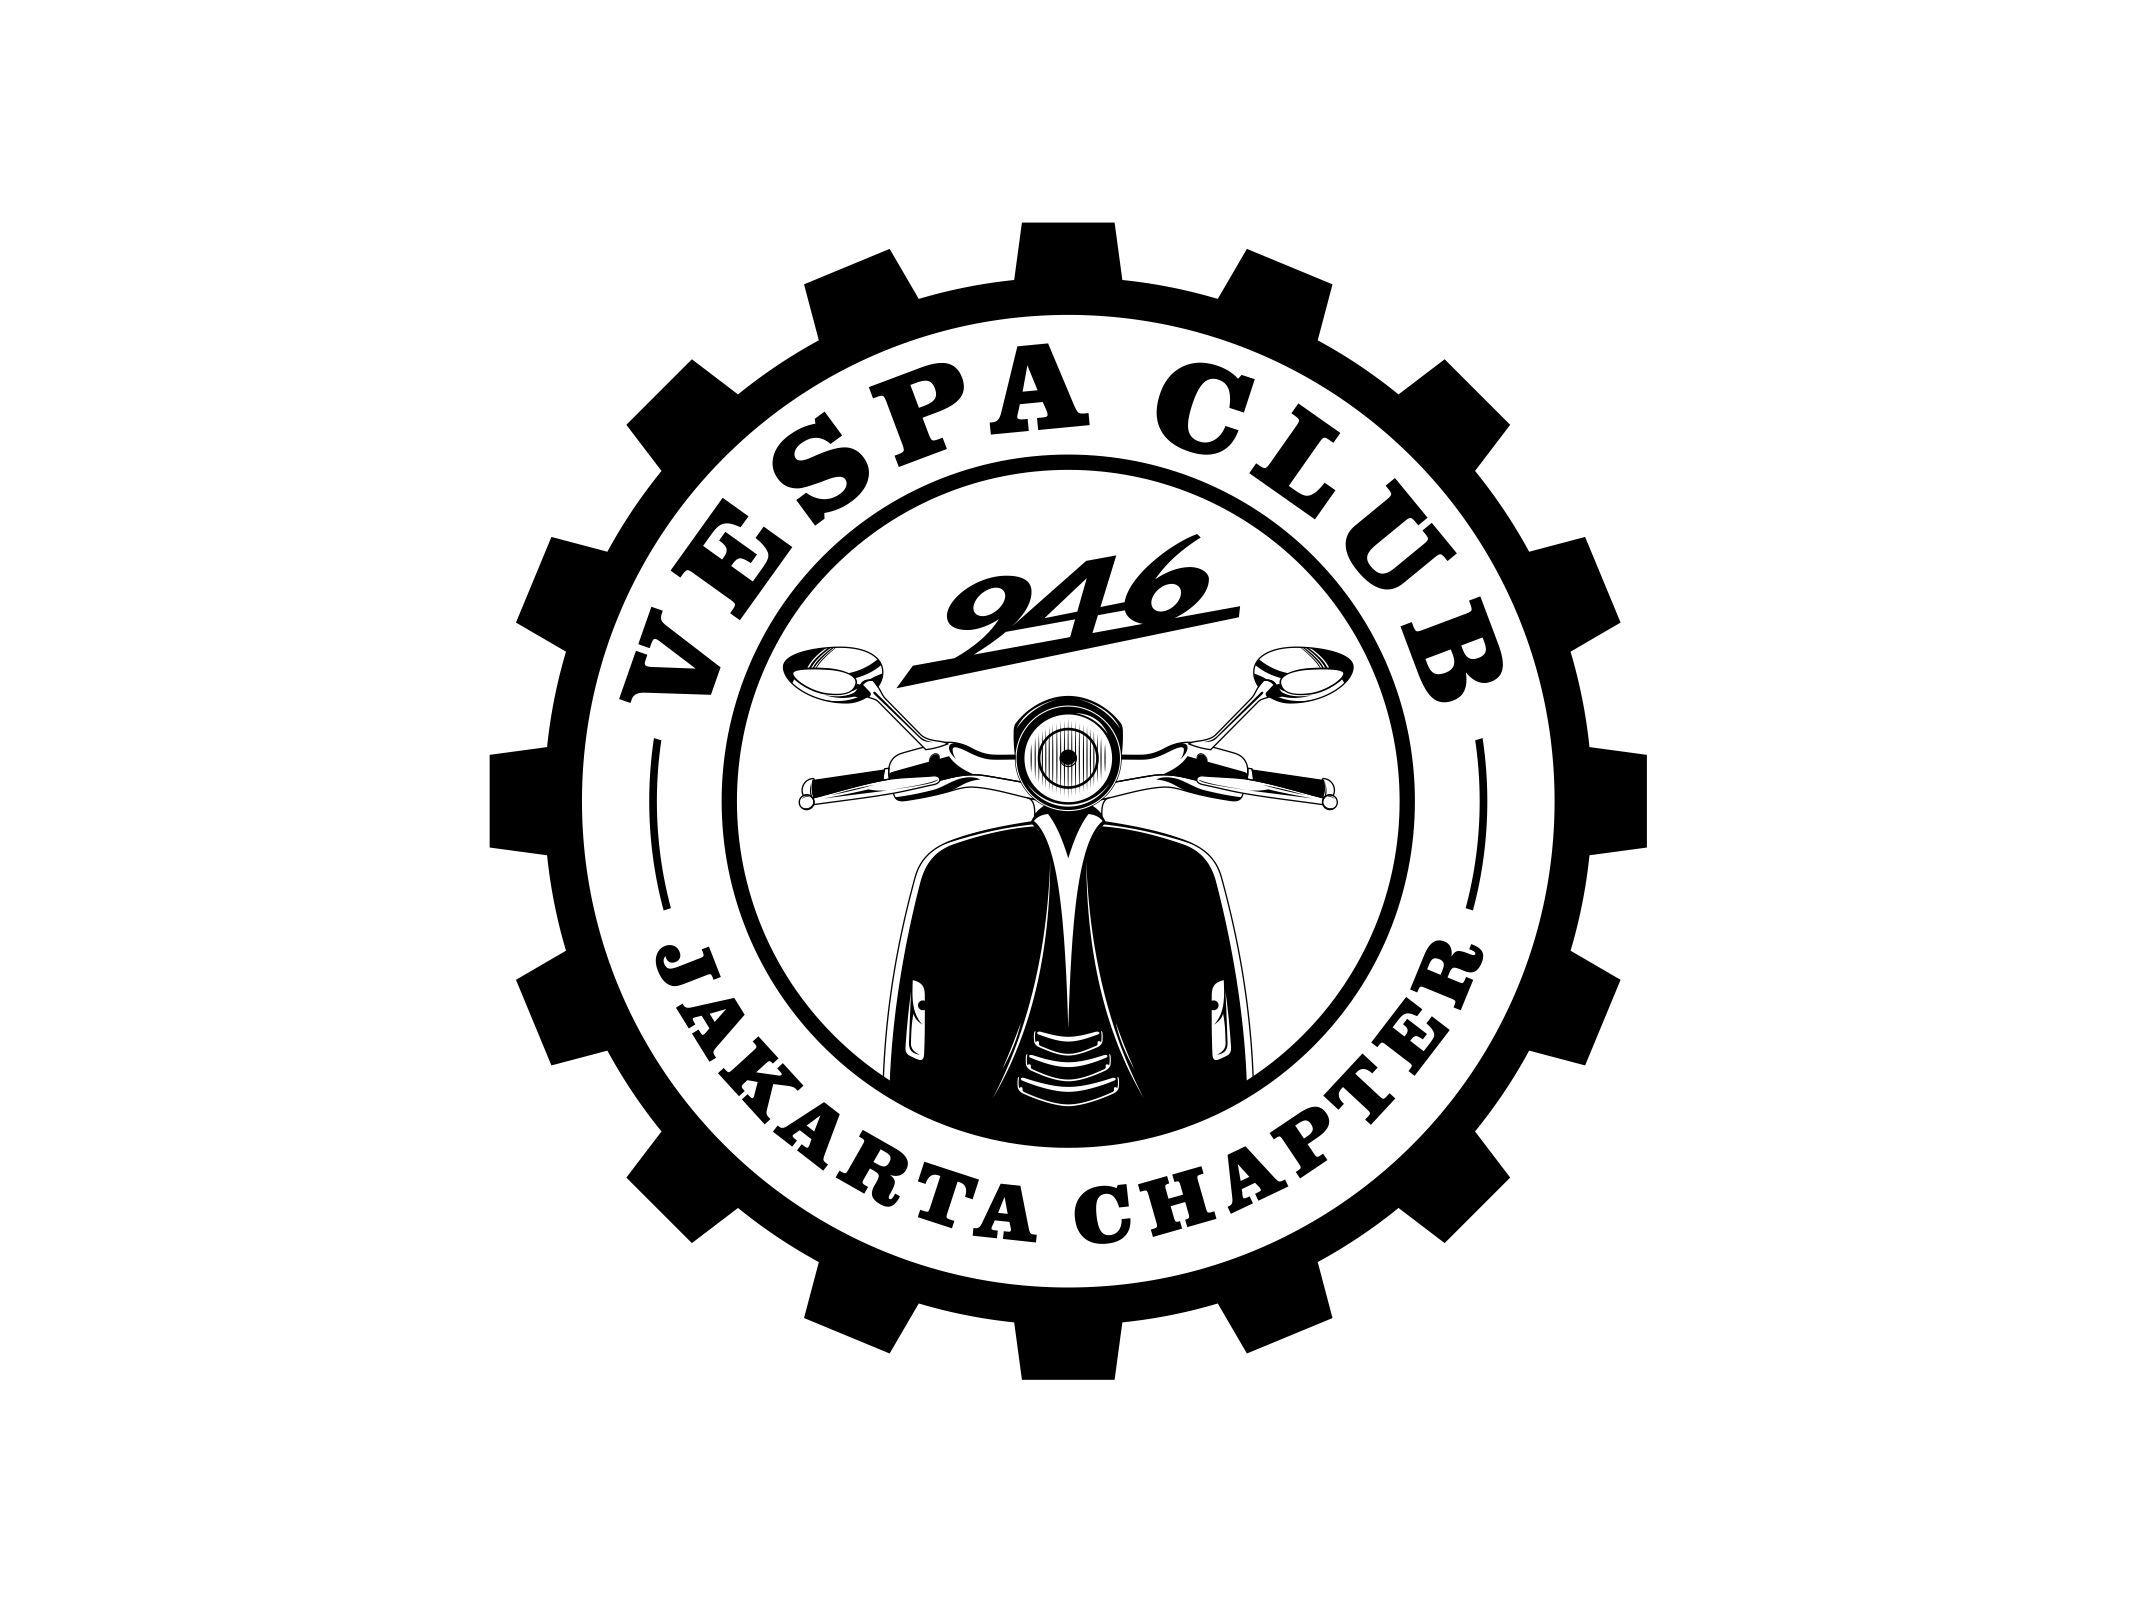 Polosan Logo Komunitas Apakah Itu Untuk Komunitas Grup Club Dan Lain Lain Tidak Punya Pengalaman Desain Sribu Logo Design Logo Desig Di 2021 Logo Keren Desain Gambar